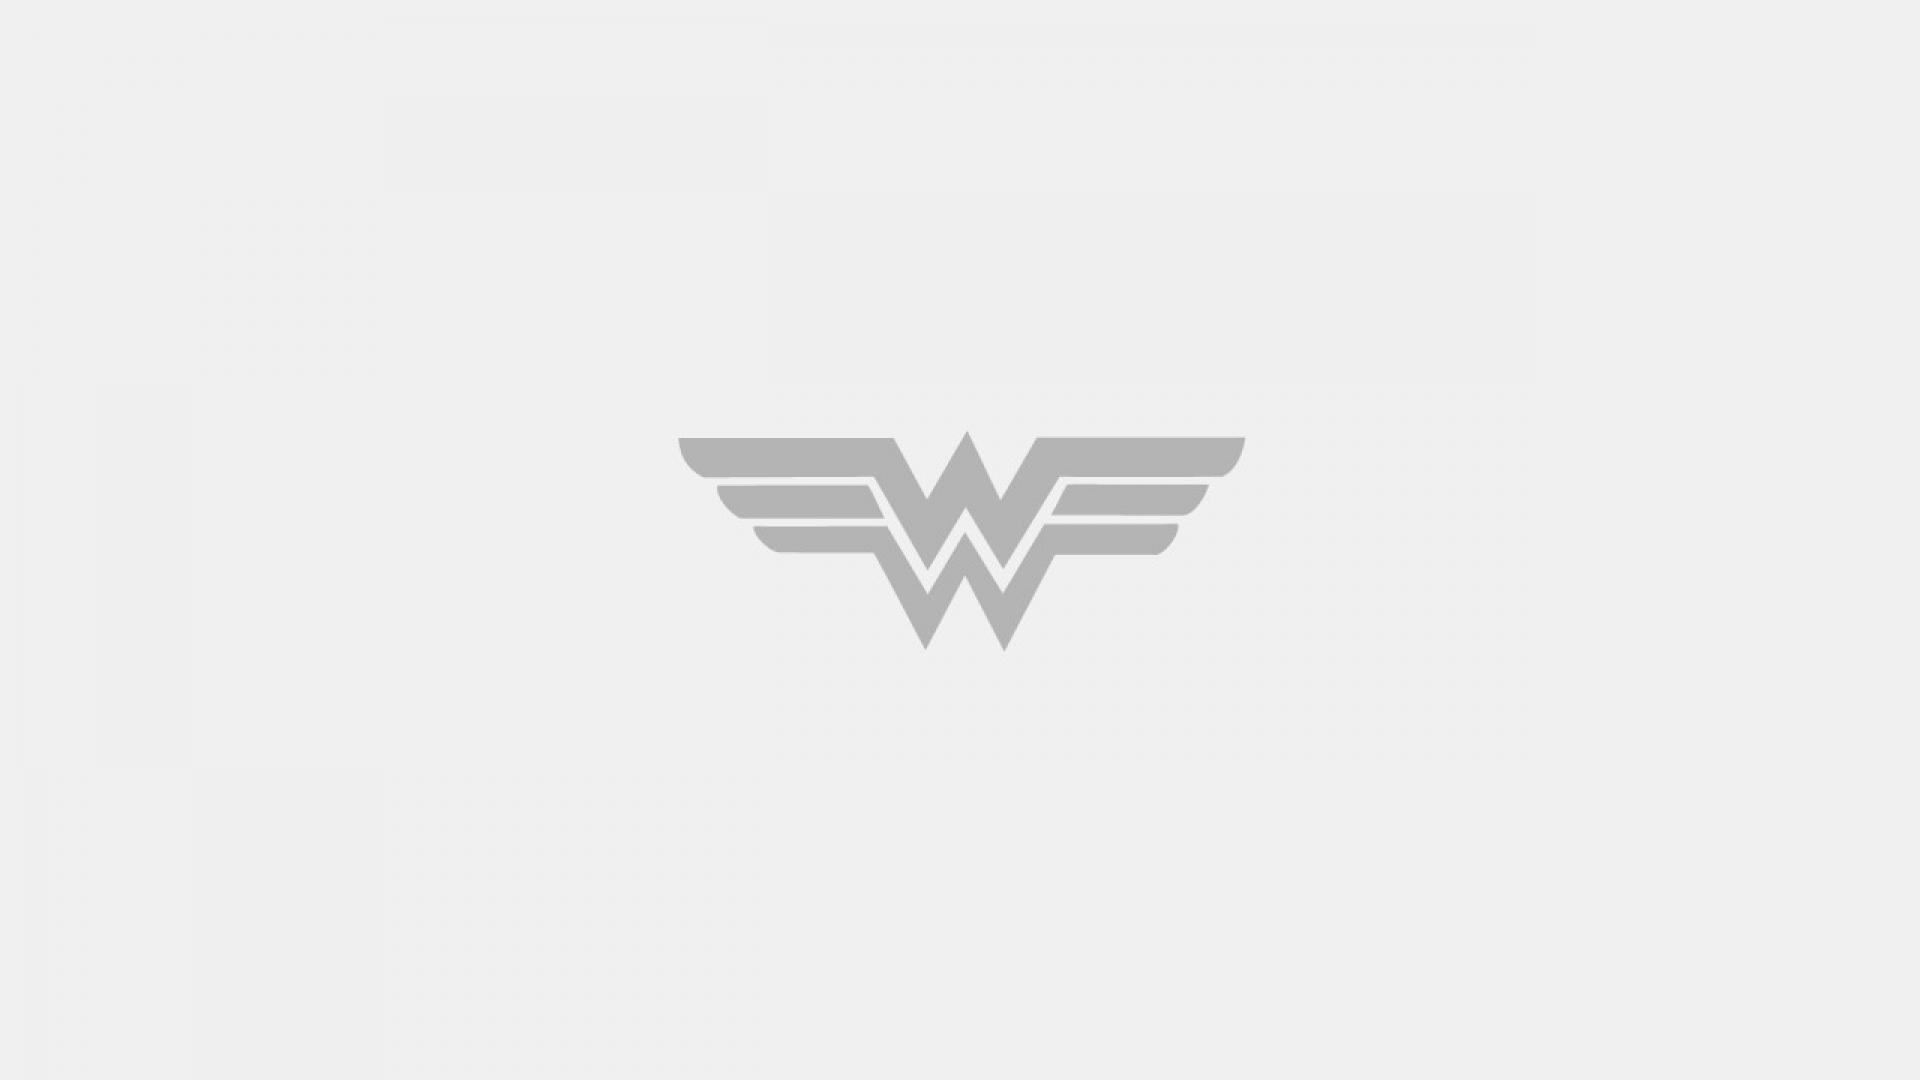 minimalistic-wonder-woman-1920x1080-23724.jpg